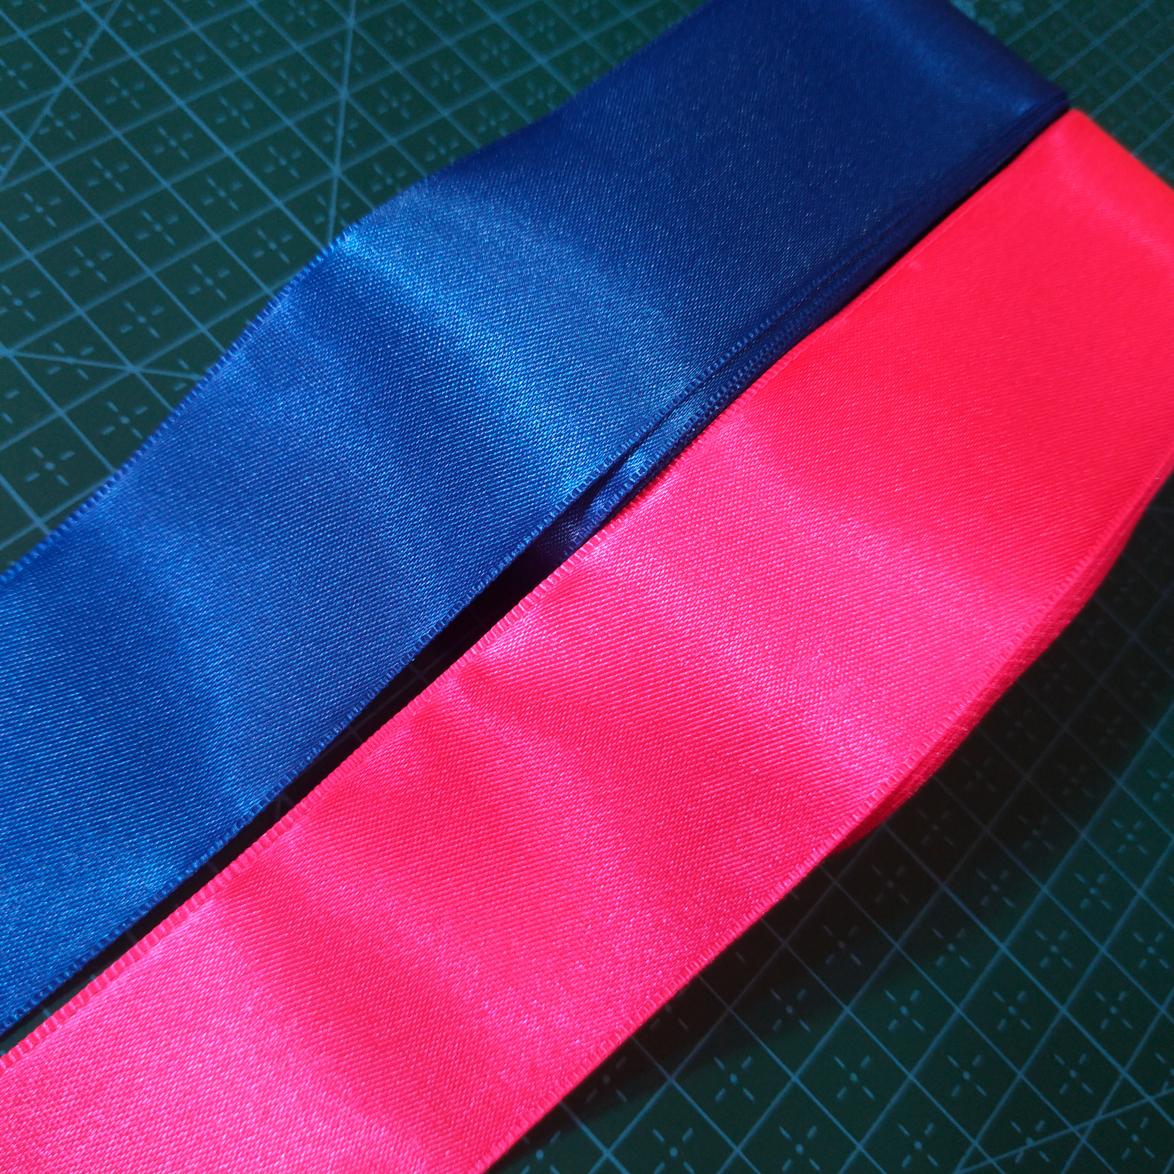 Imagem mostra os detalhes de duas fitas, uma azul e uma rosa.